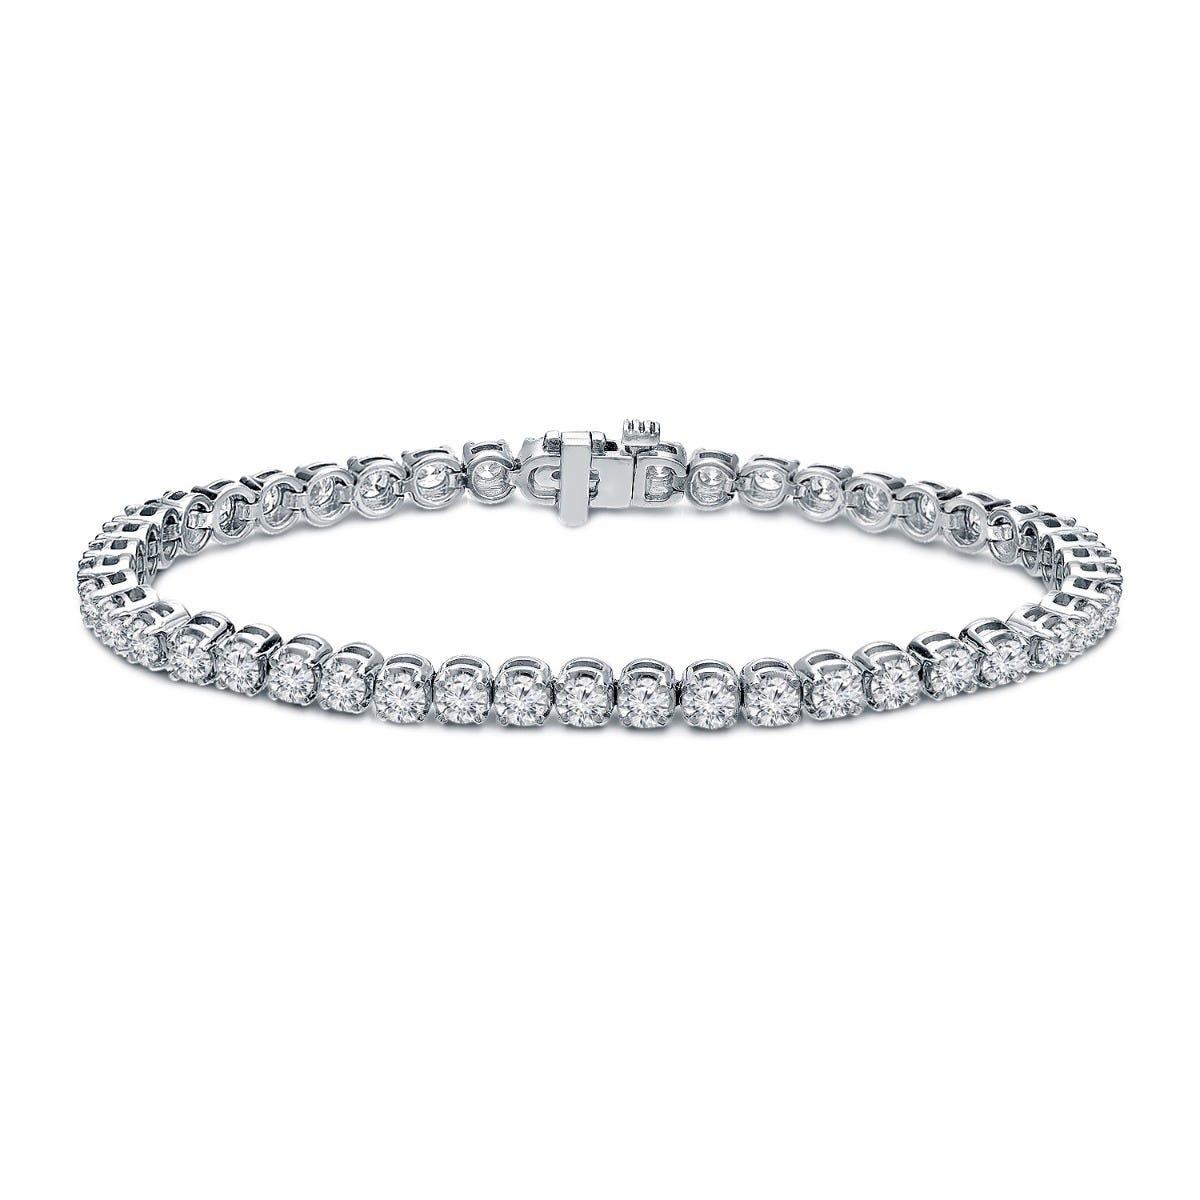 Diamond Tennis Bracelet 7ctw in 14k White Gold